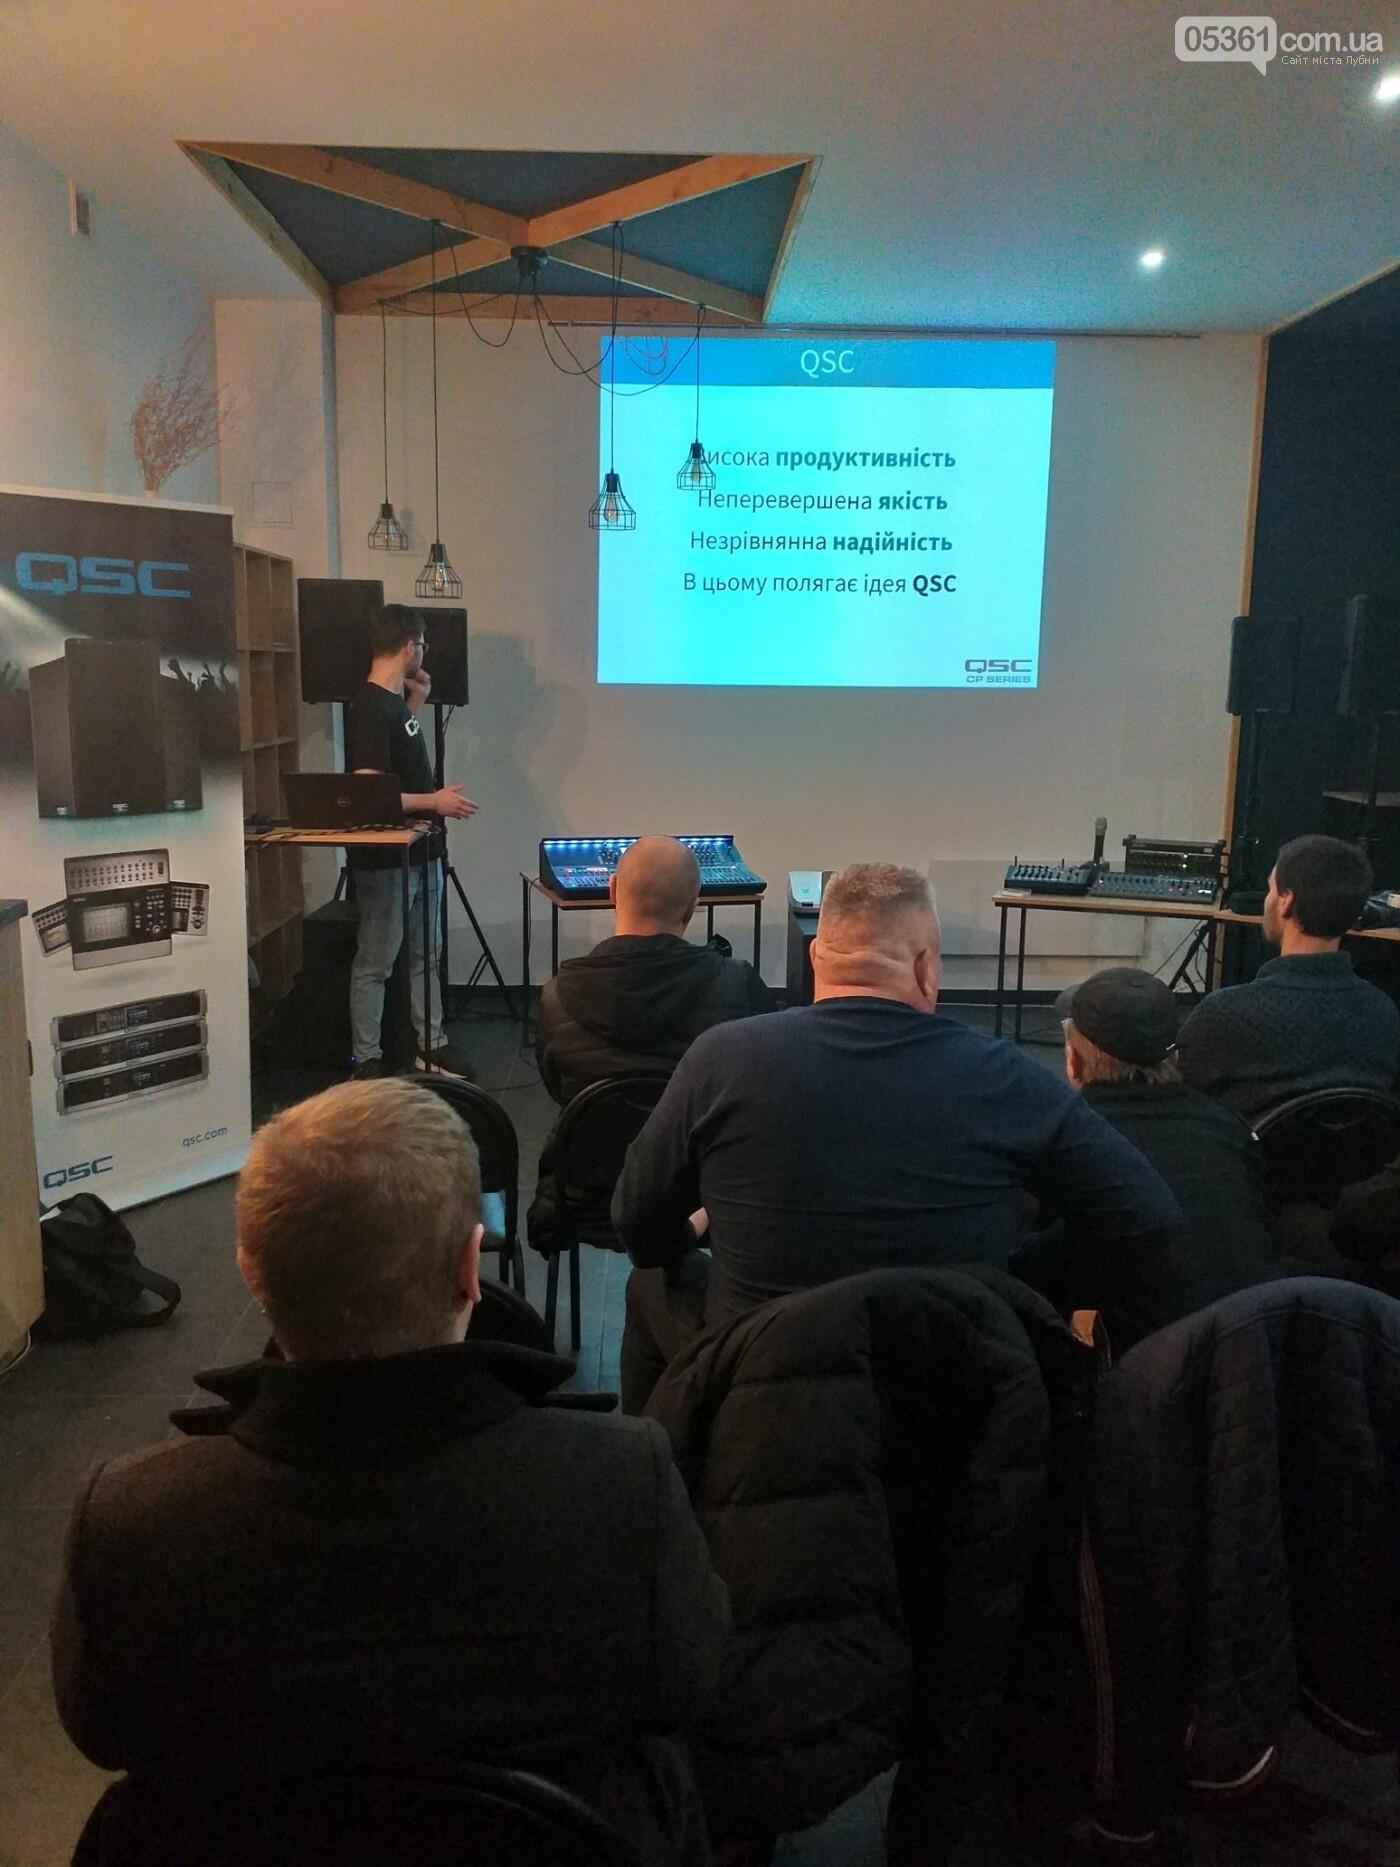 Семінар-презентація музичних технологій в Лубнах, фото-16